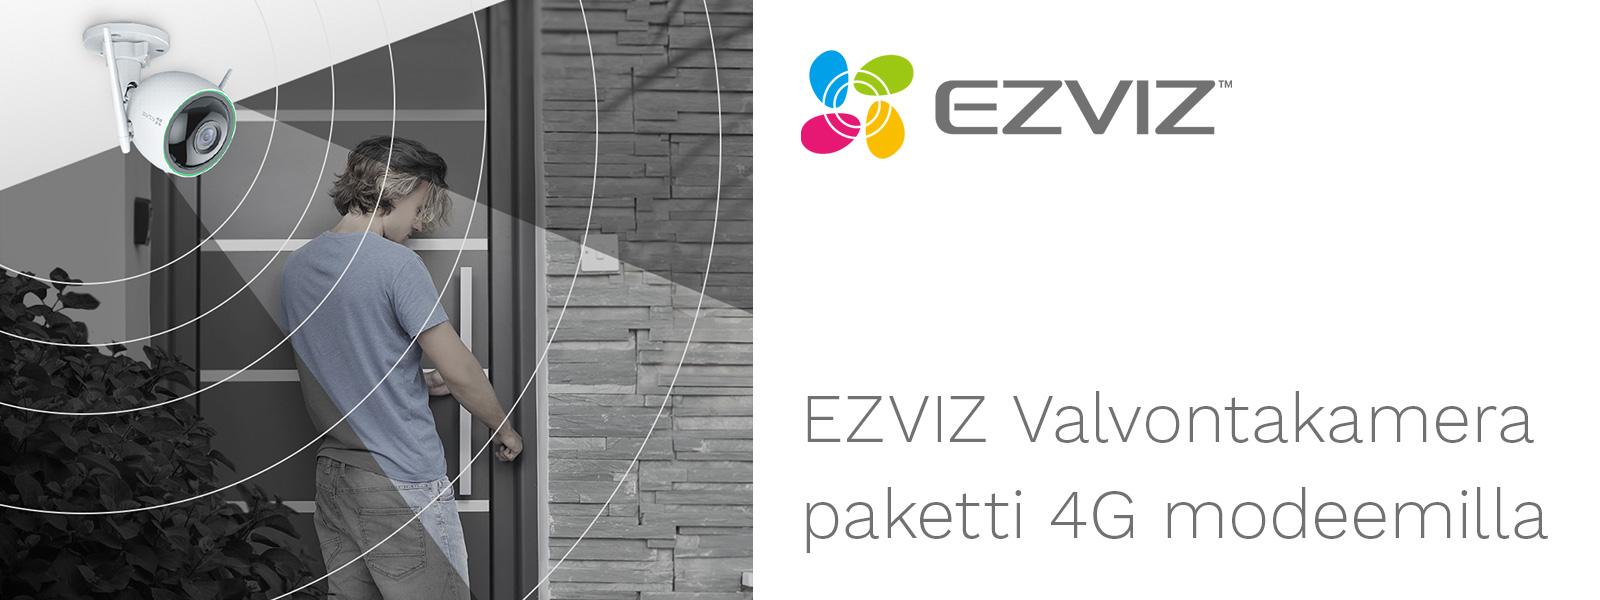 ezviz_paketti_header